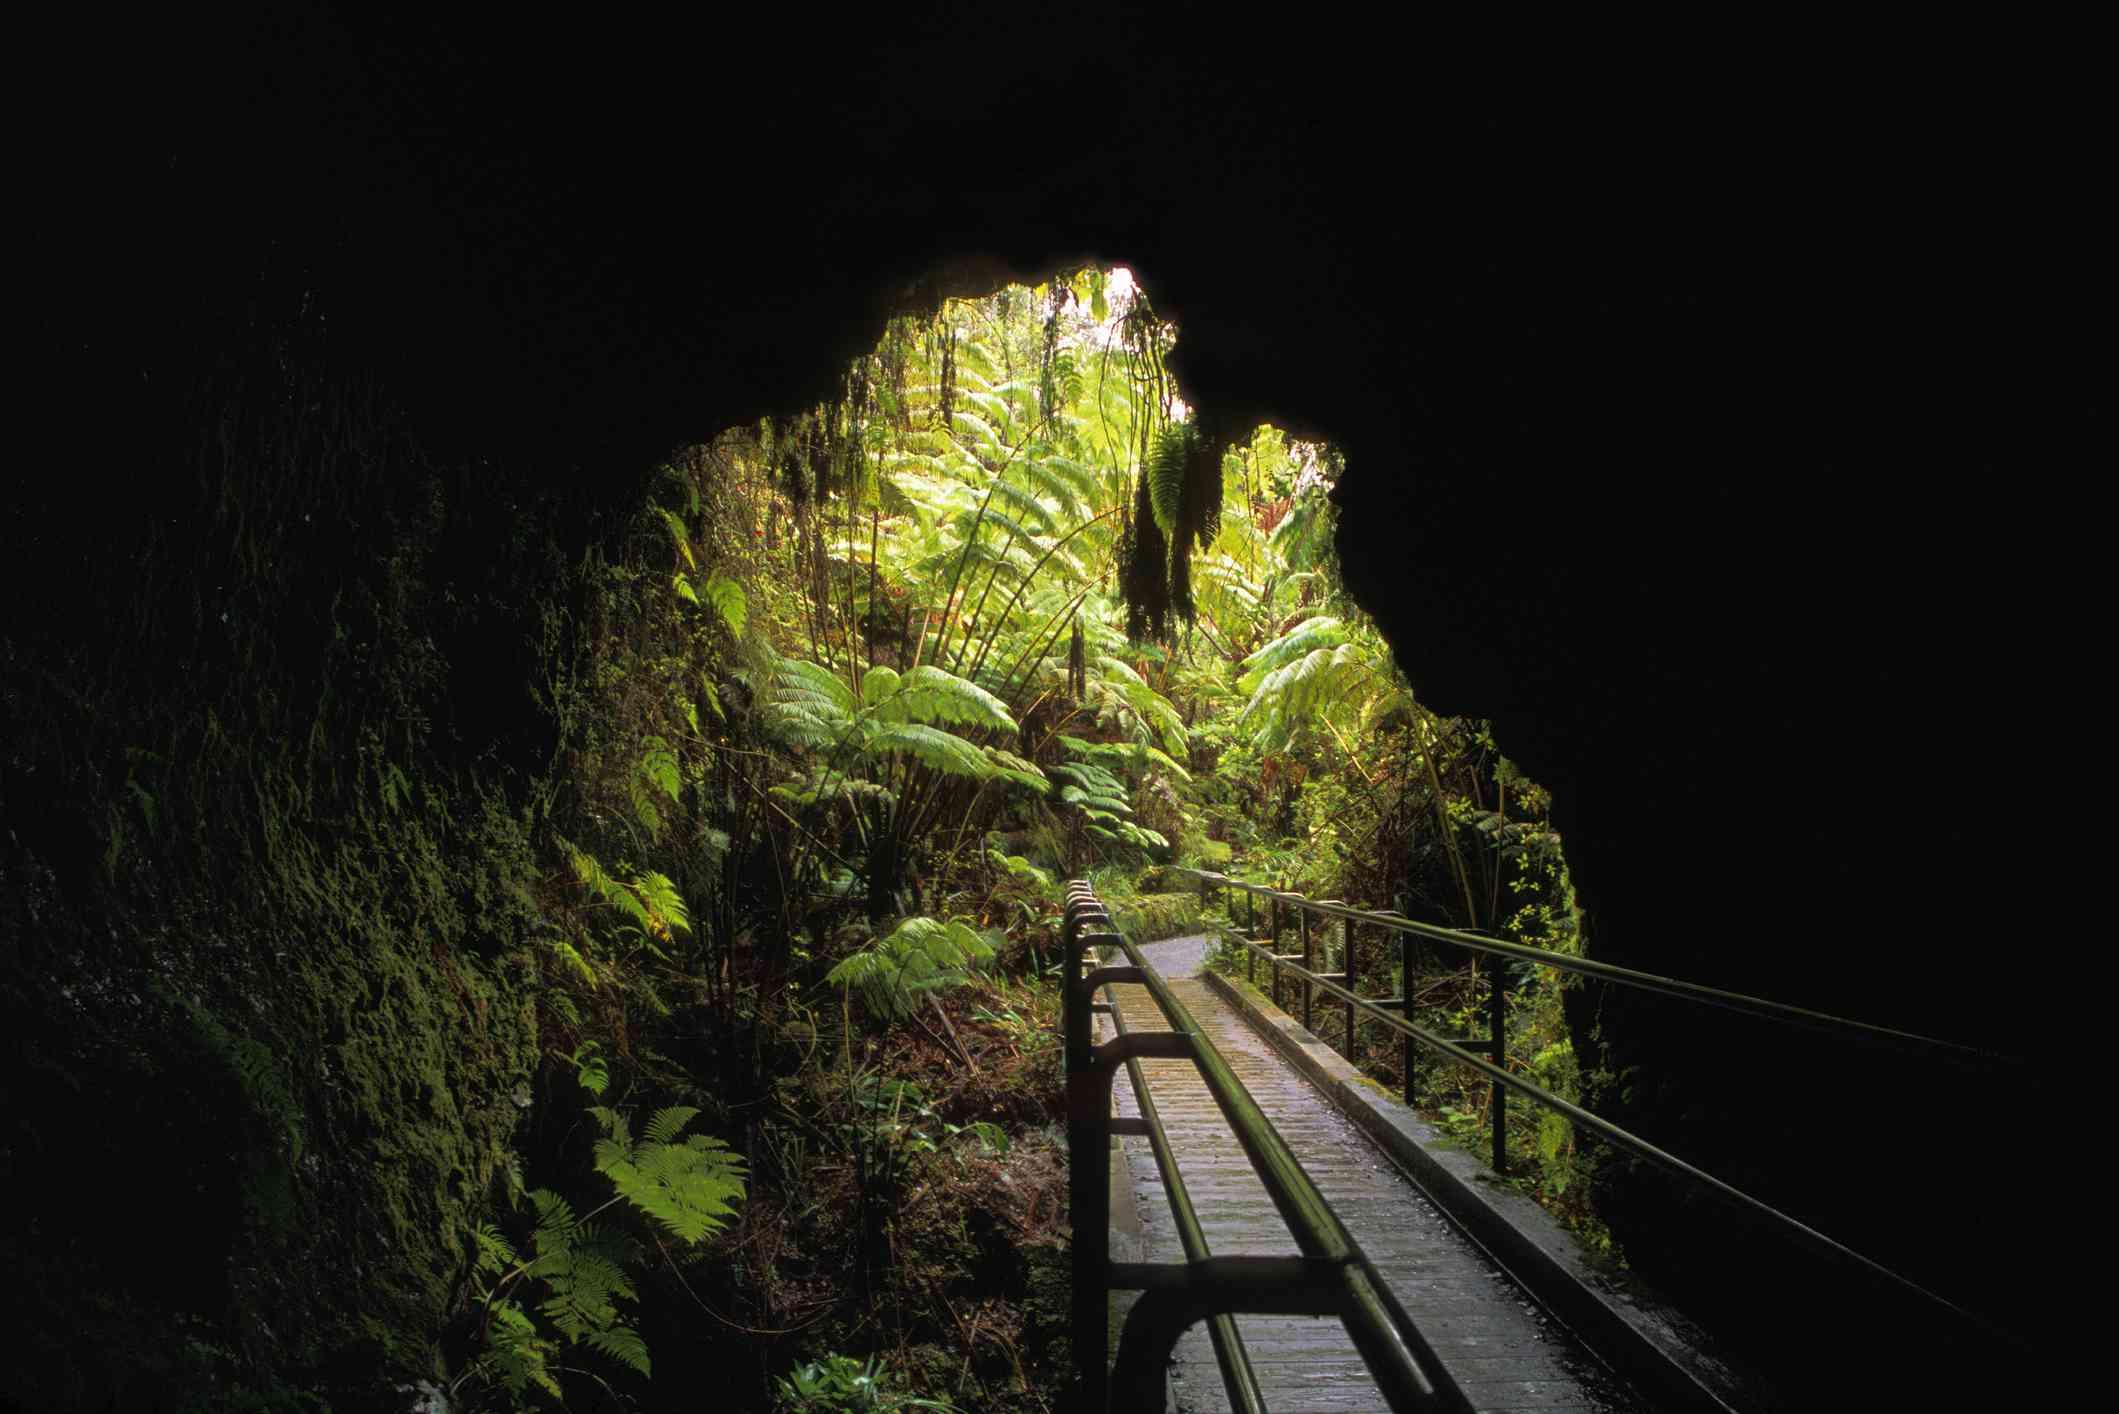 The Thurston Lava Tube at Volcanoes National Park